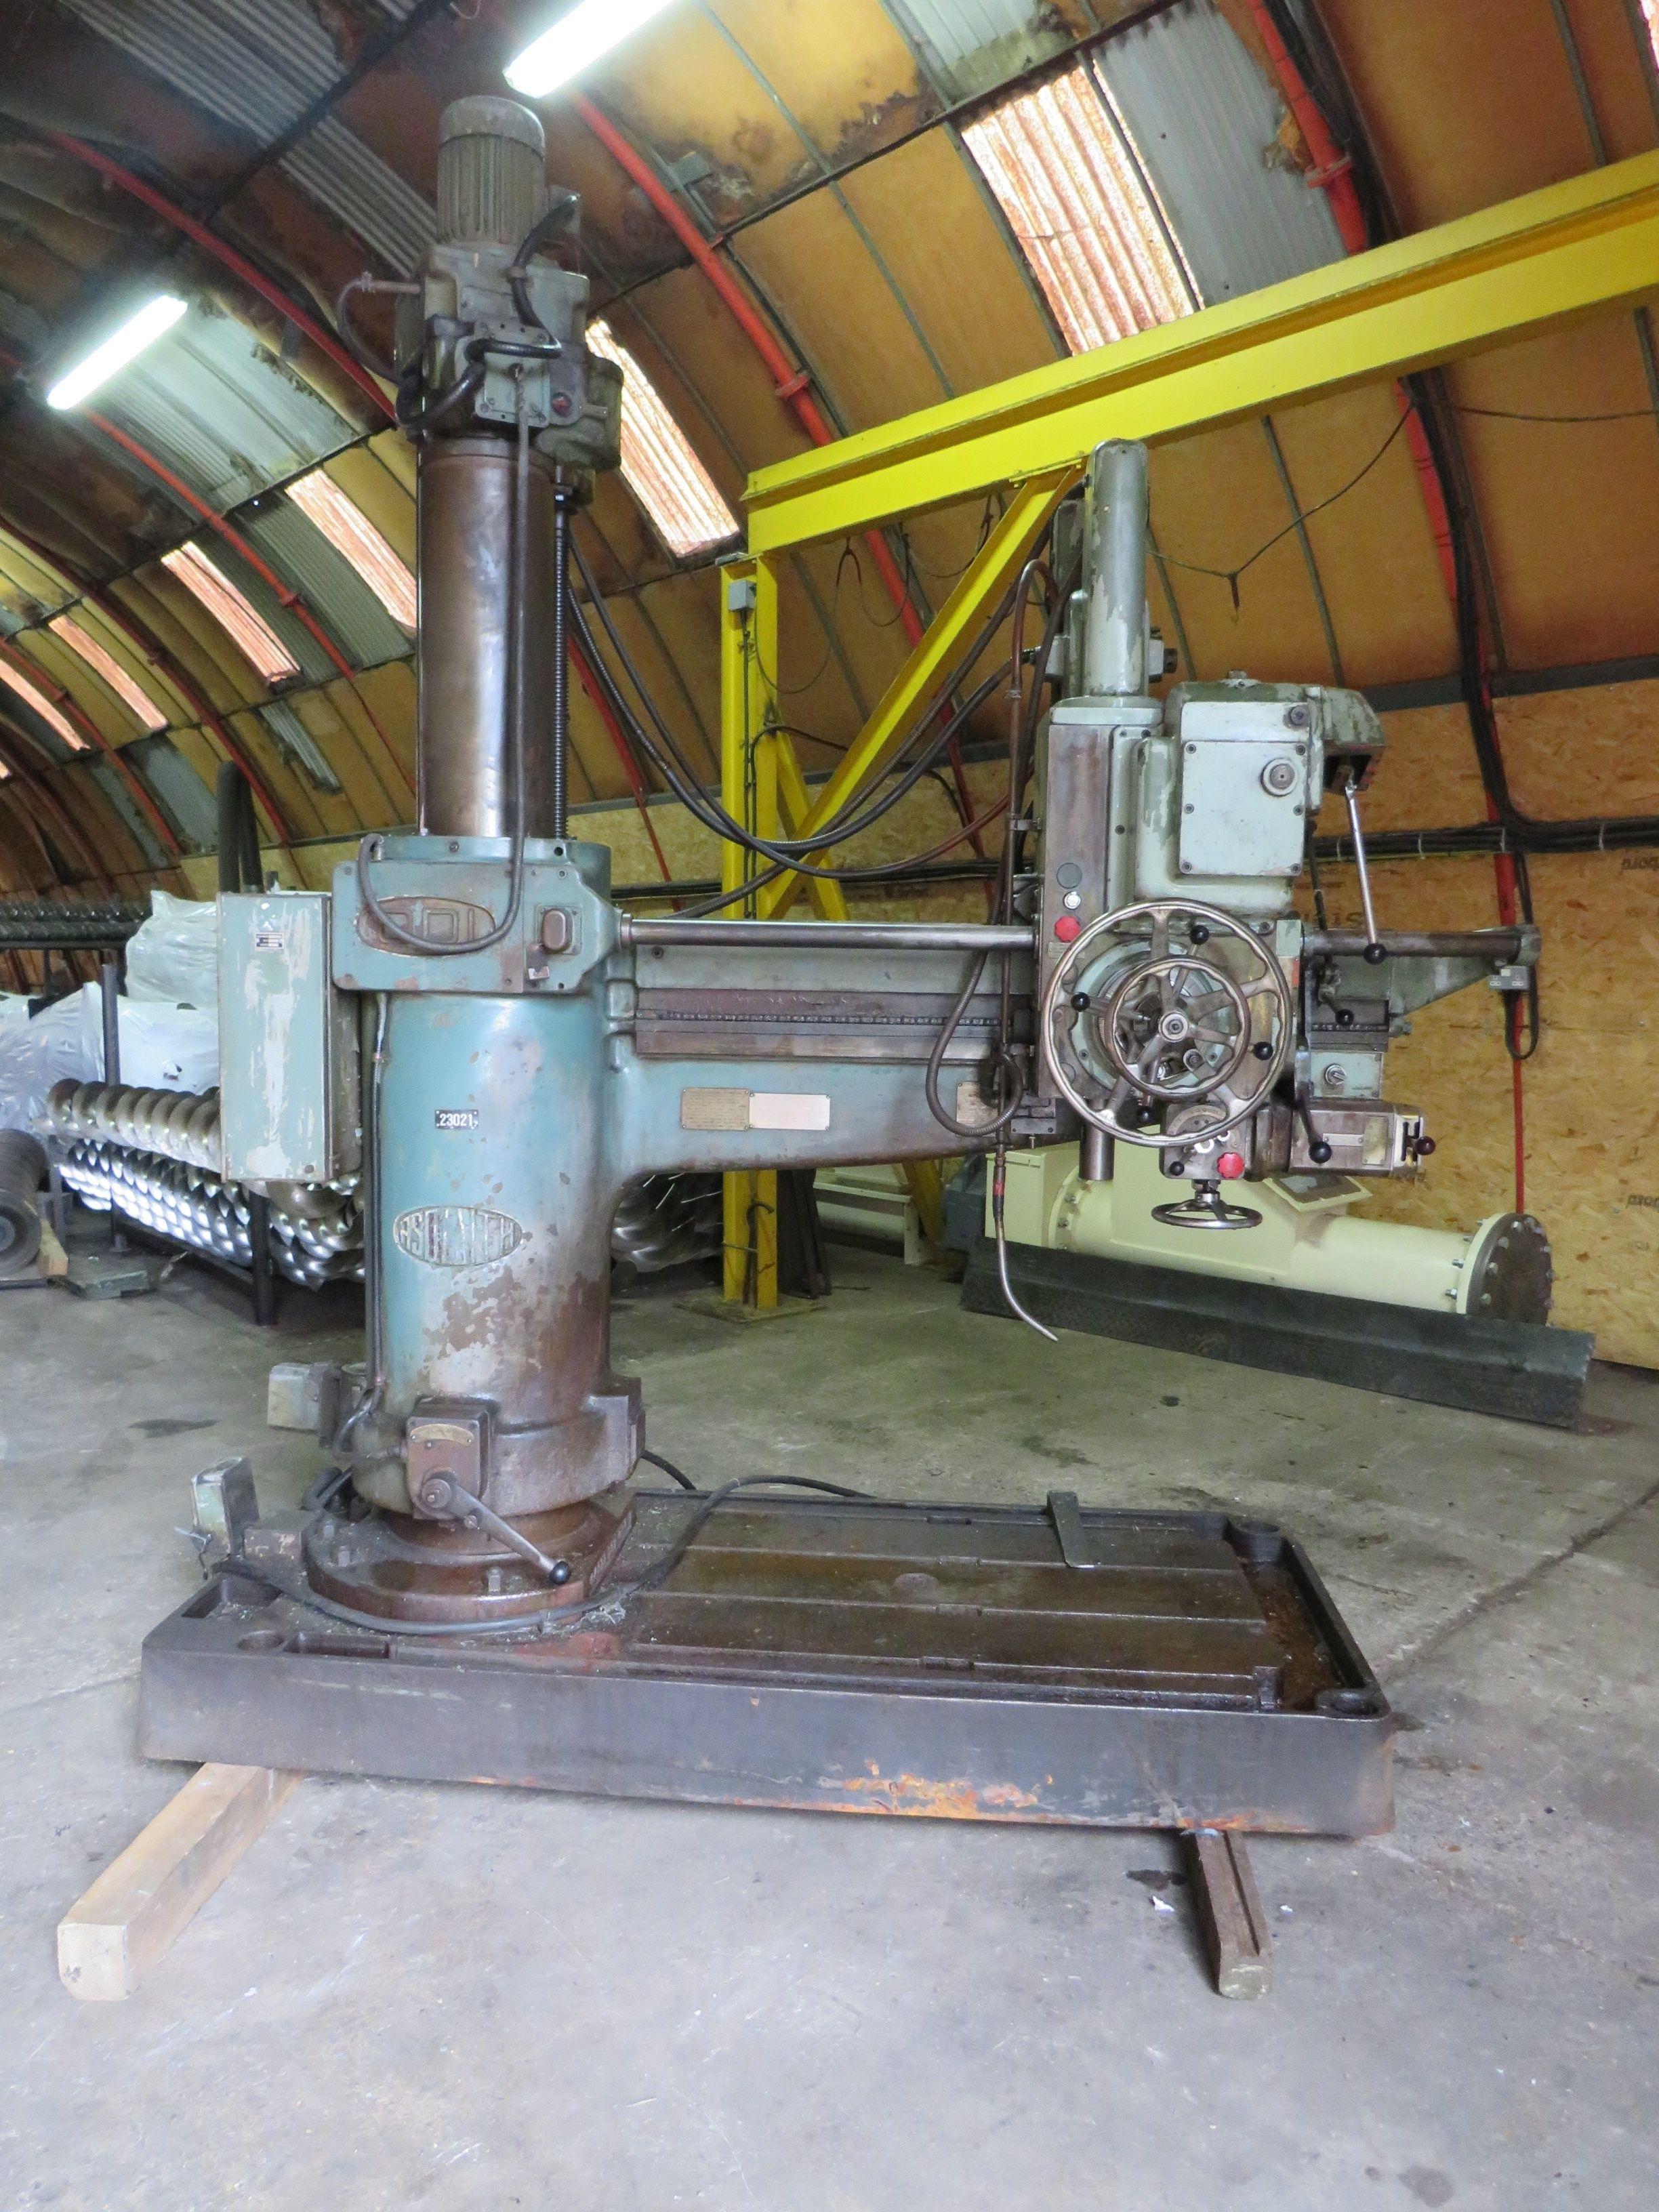 Trapano radiale Asquith 30654 da 4 piedi